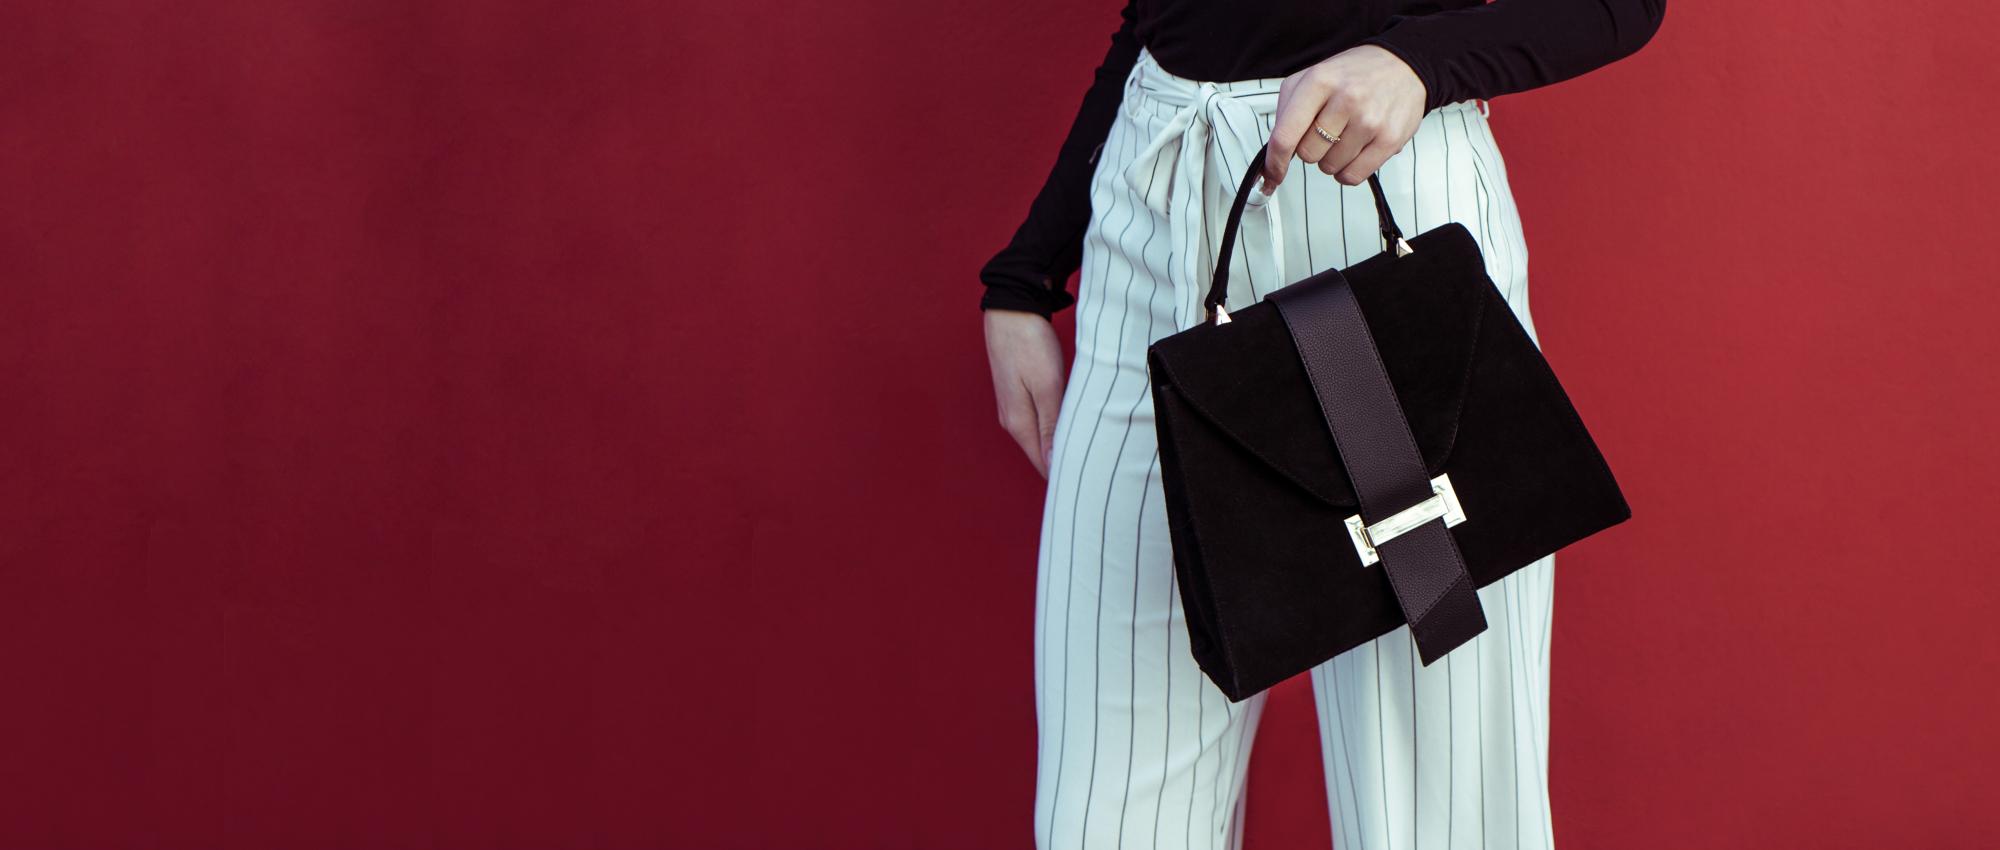 78d8642a1624 Lionel Handbags   Accessories